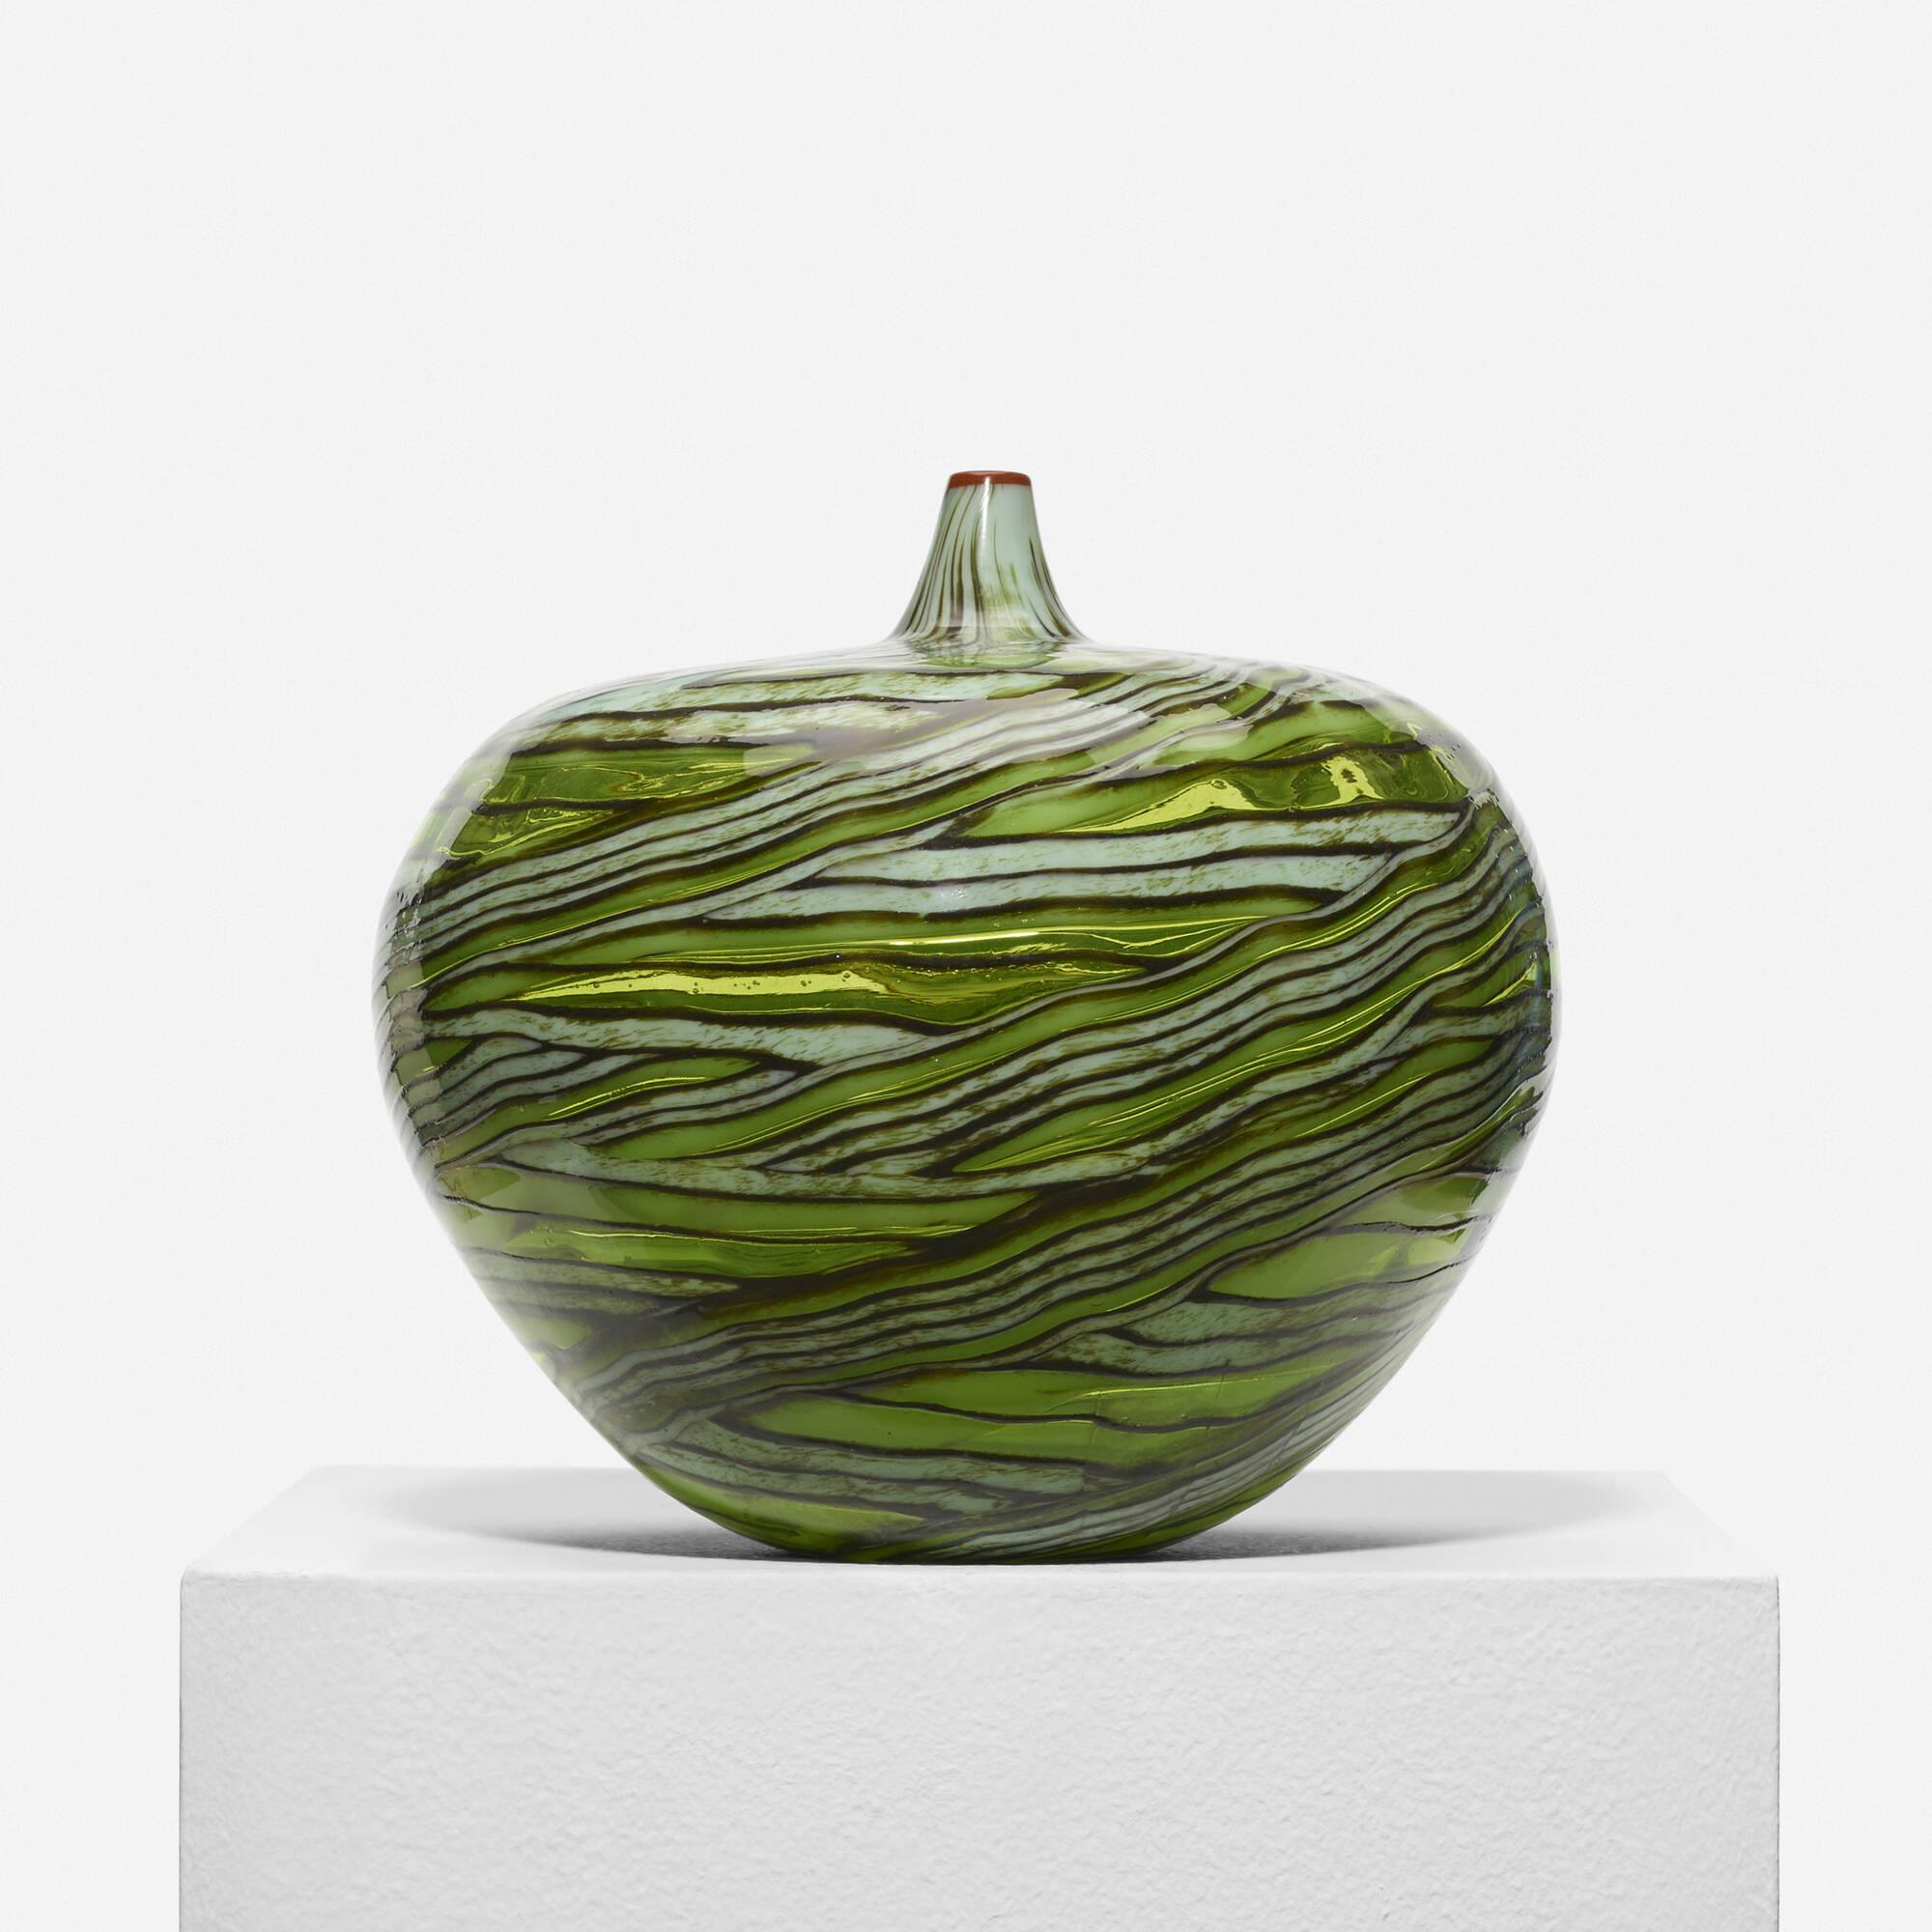 309: Yoichi Ohira / vase (1 of 3)